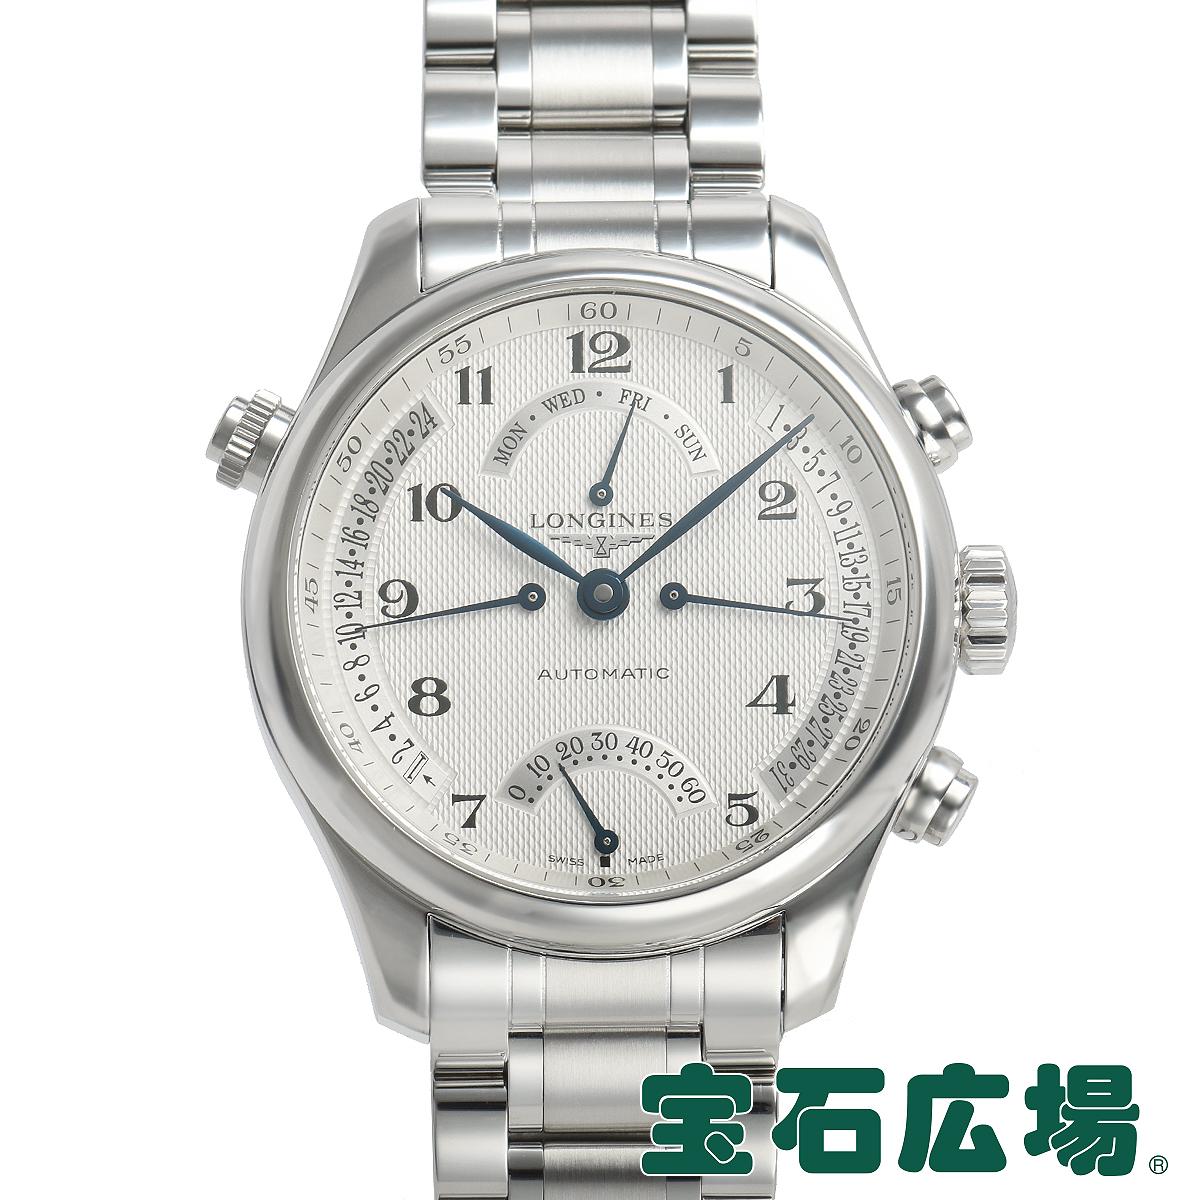 ロンジン LONGINES マスターコレクション レトログラード L2.715.4.78.6【中古】メンズ 腕時計 送料・代引手数料無料